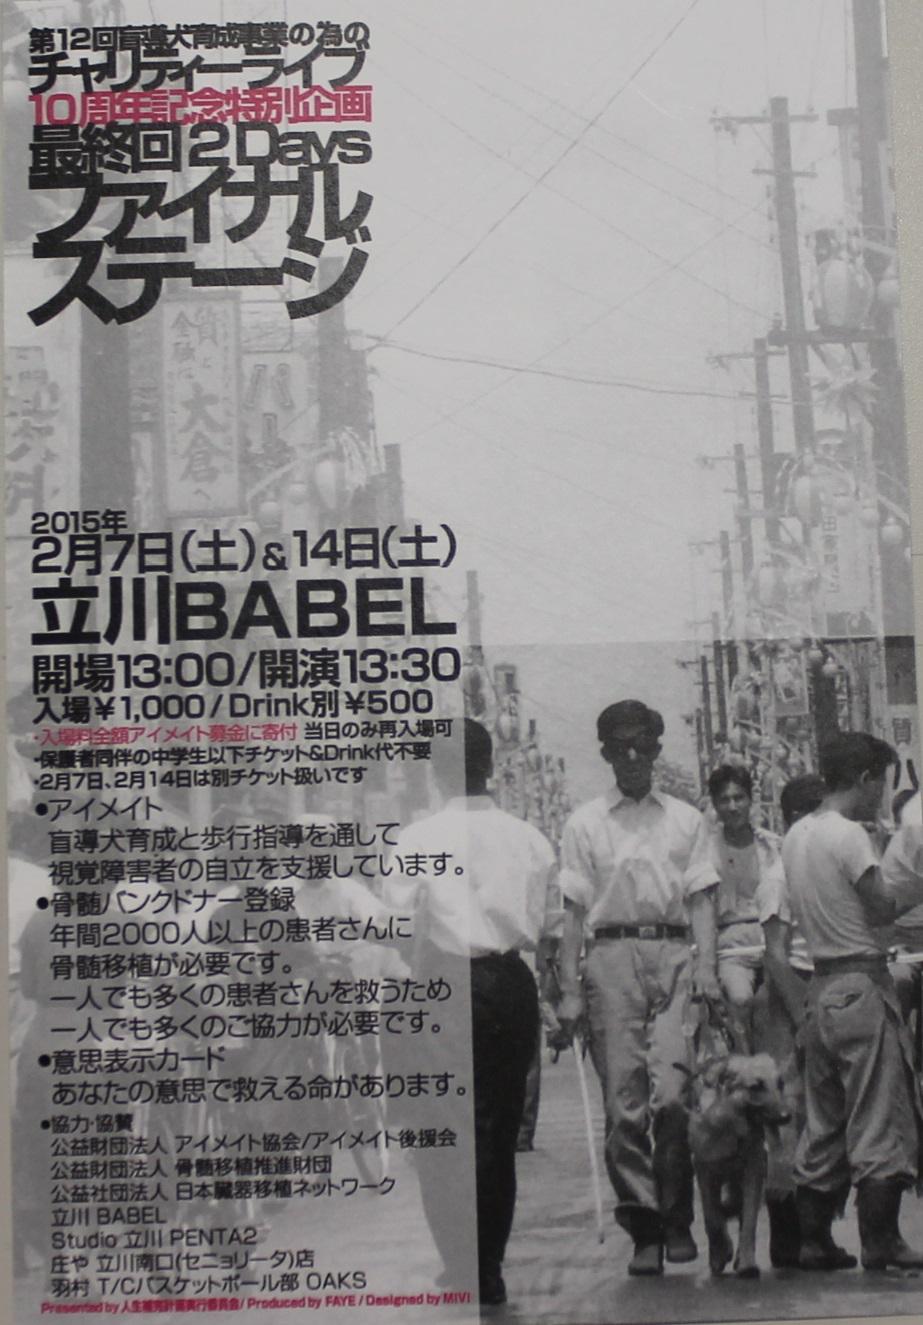 http://www.seed.co.jp/blog/eyemate/91_7.jpg